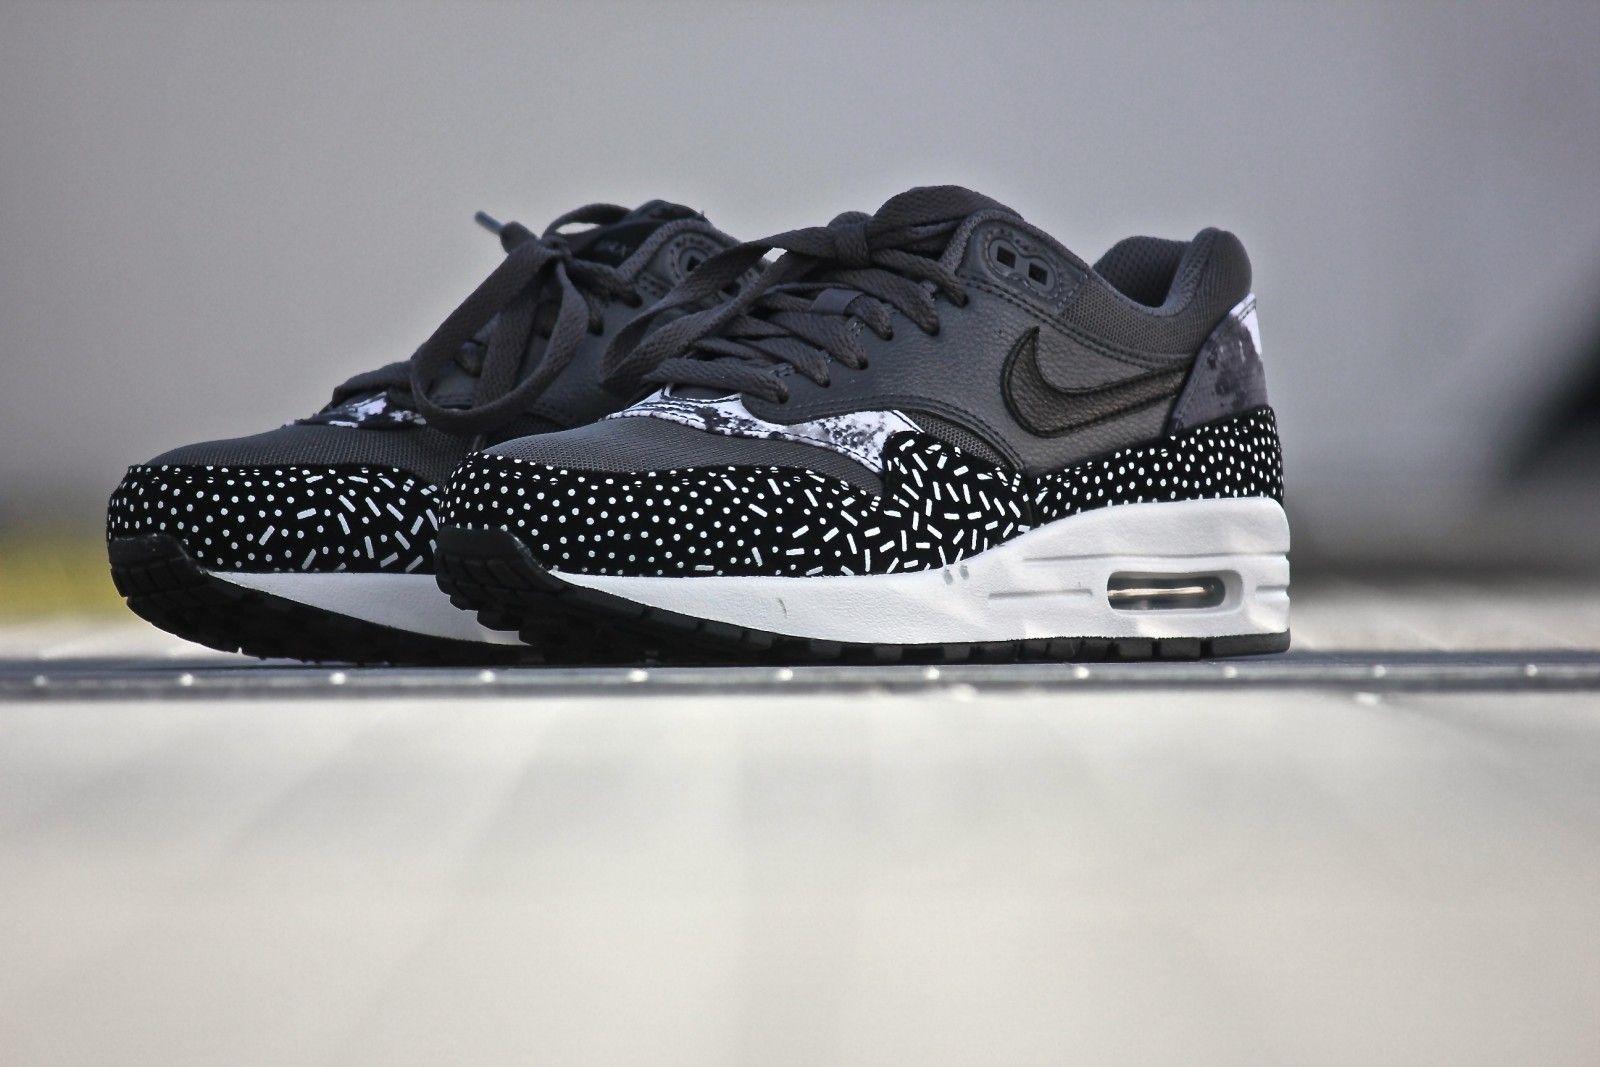 pas cher 2015 vente énorme surprise Nike Air Max 1 Pack Safari 2012 Élection sneakernews bon marché H74XdRksoG